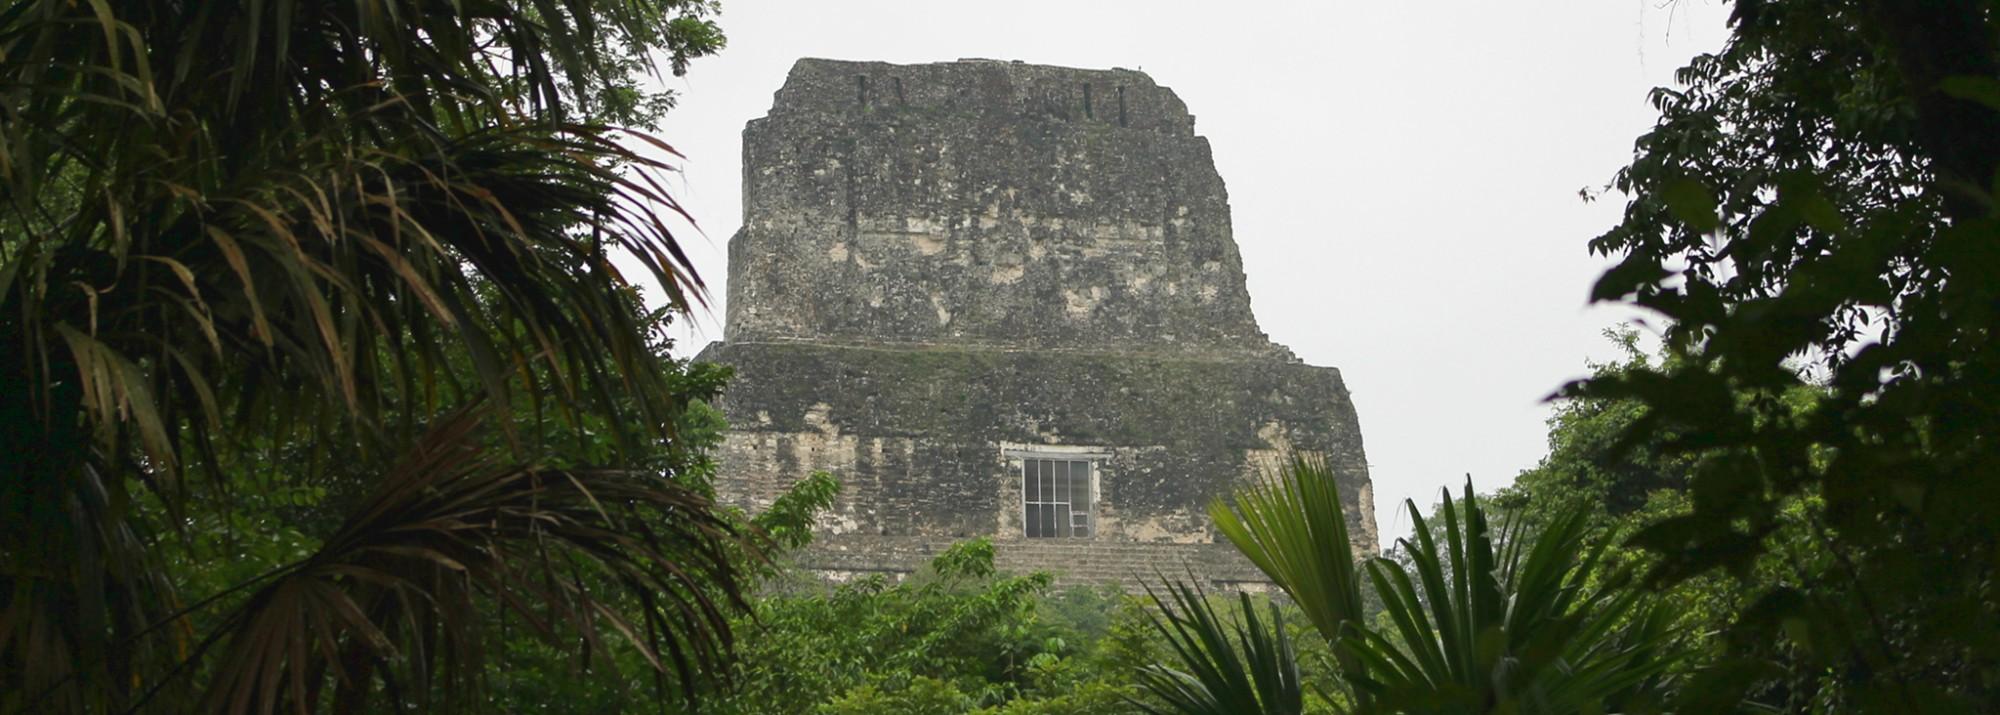 Guatemala: Tempel 4 der Maya-Stadt Tikal im Dschungel Guatemalas